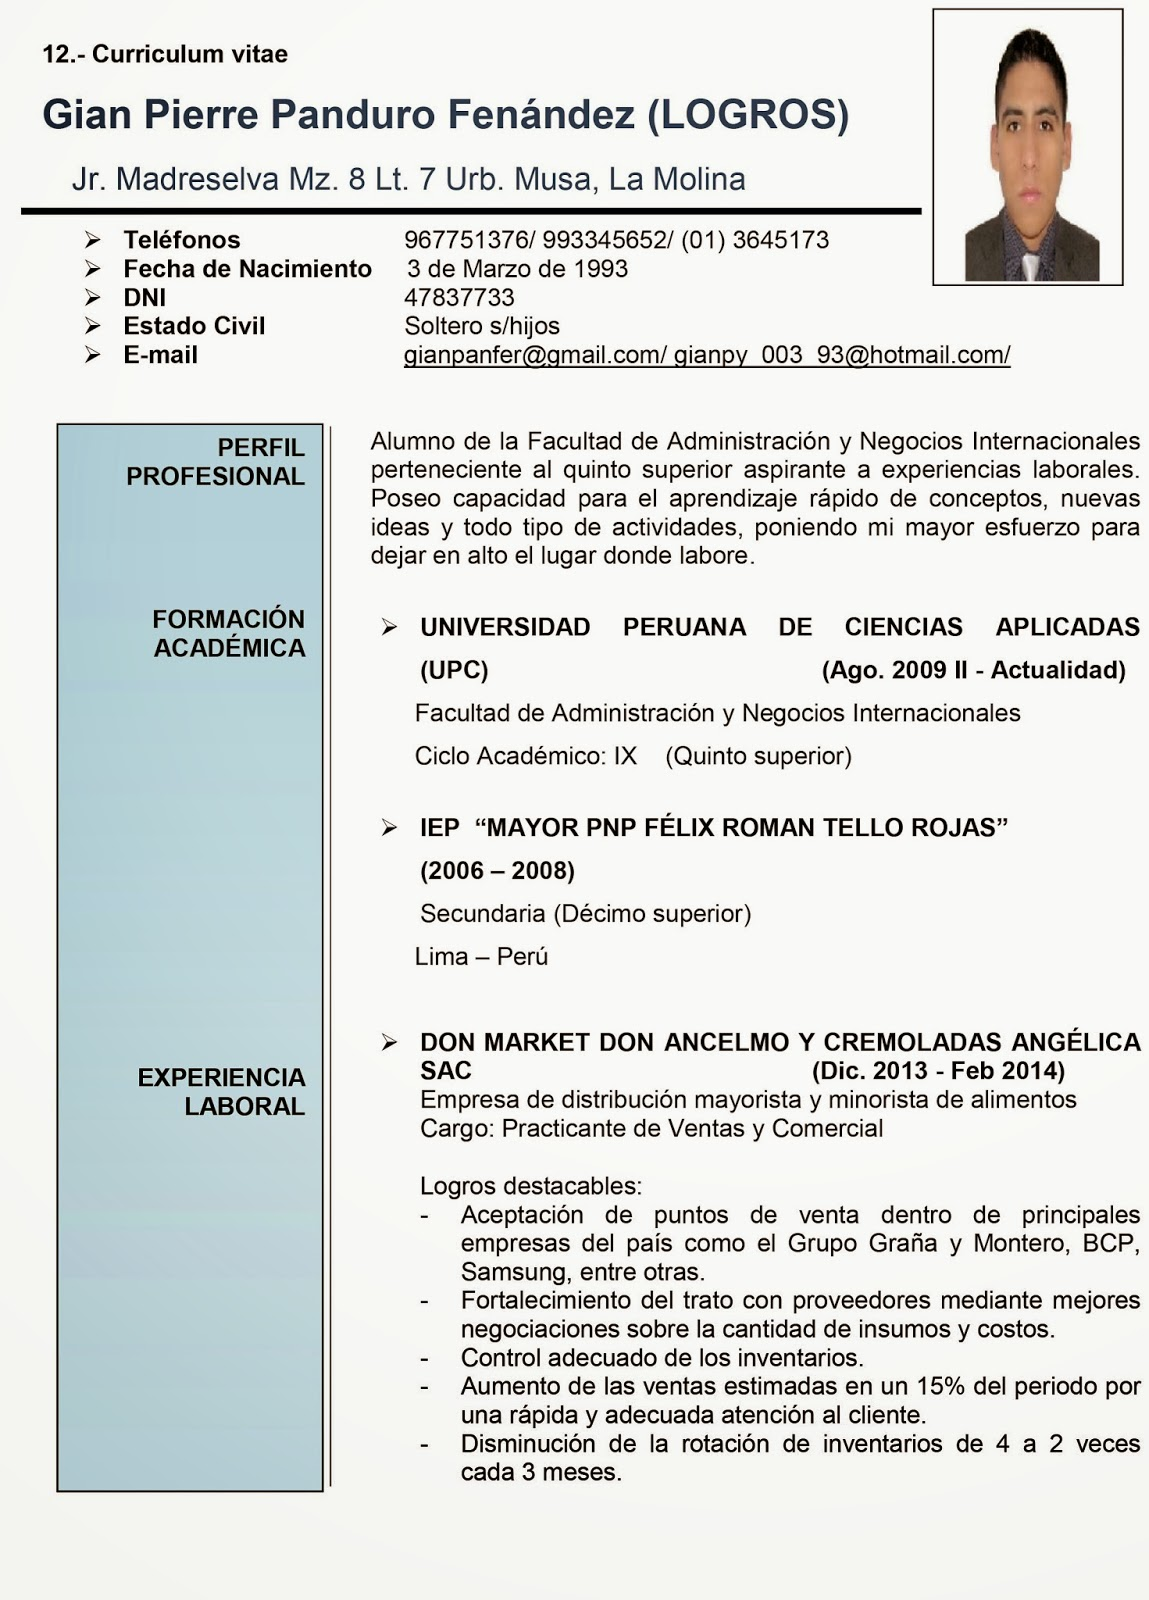 Modelo De Curriculum Vitae Upc Modelo De Curriculum Vitae